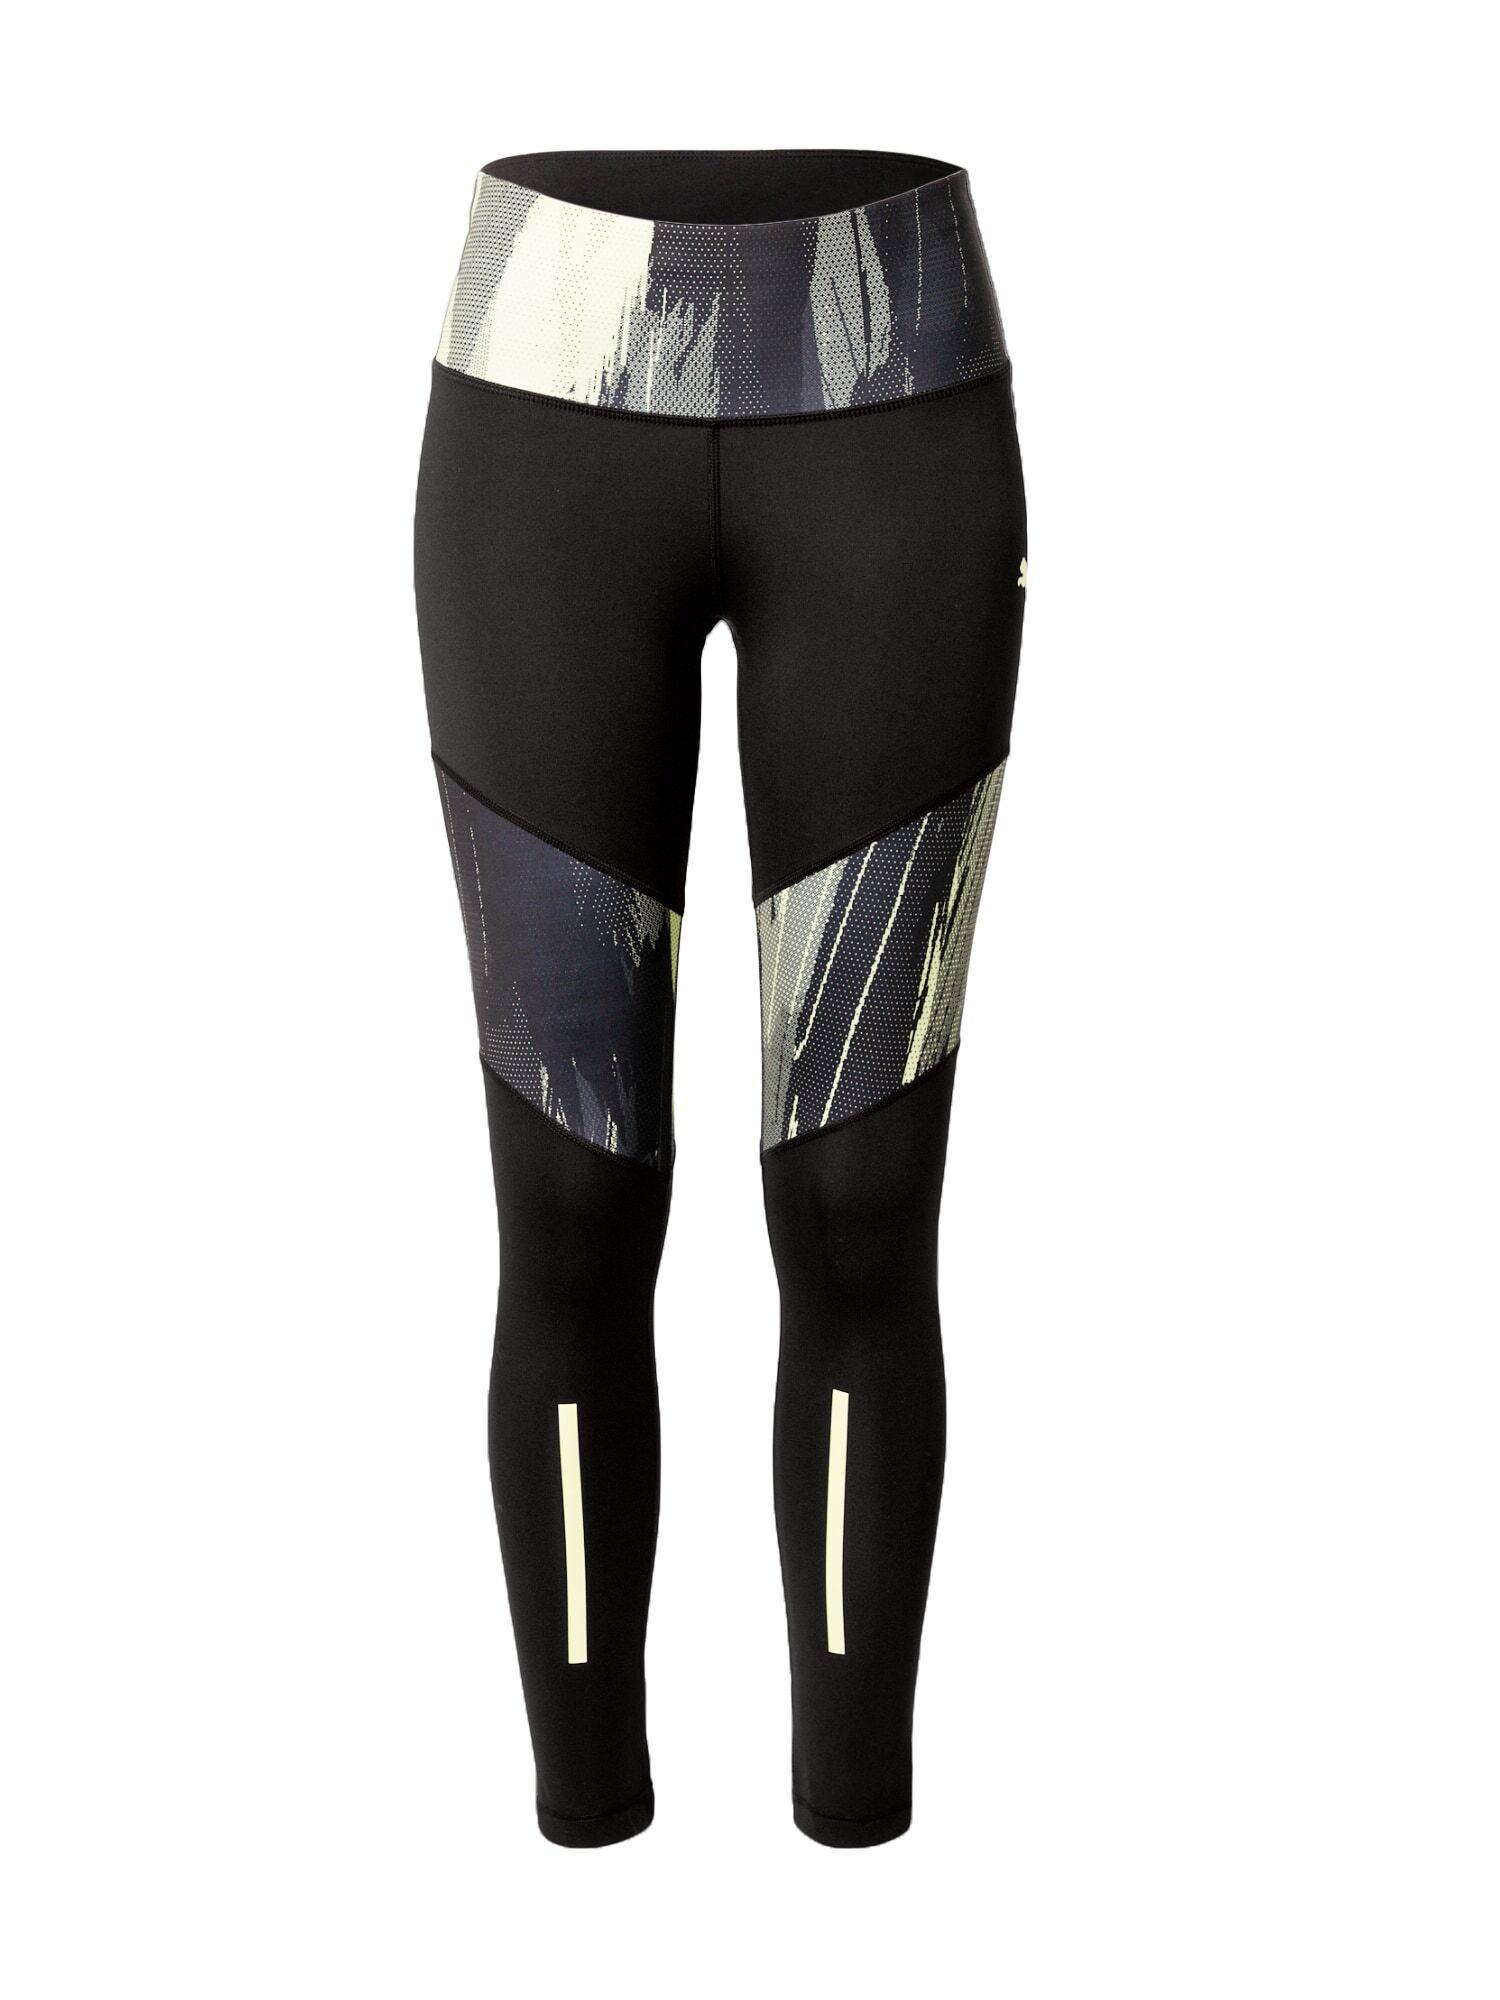 PUMA Pantalon de sport 'CUP'  - Noir - Taille: XL - female